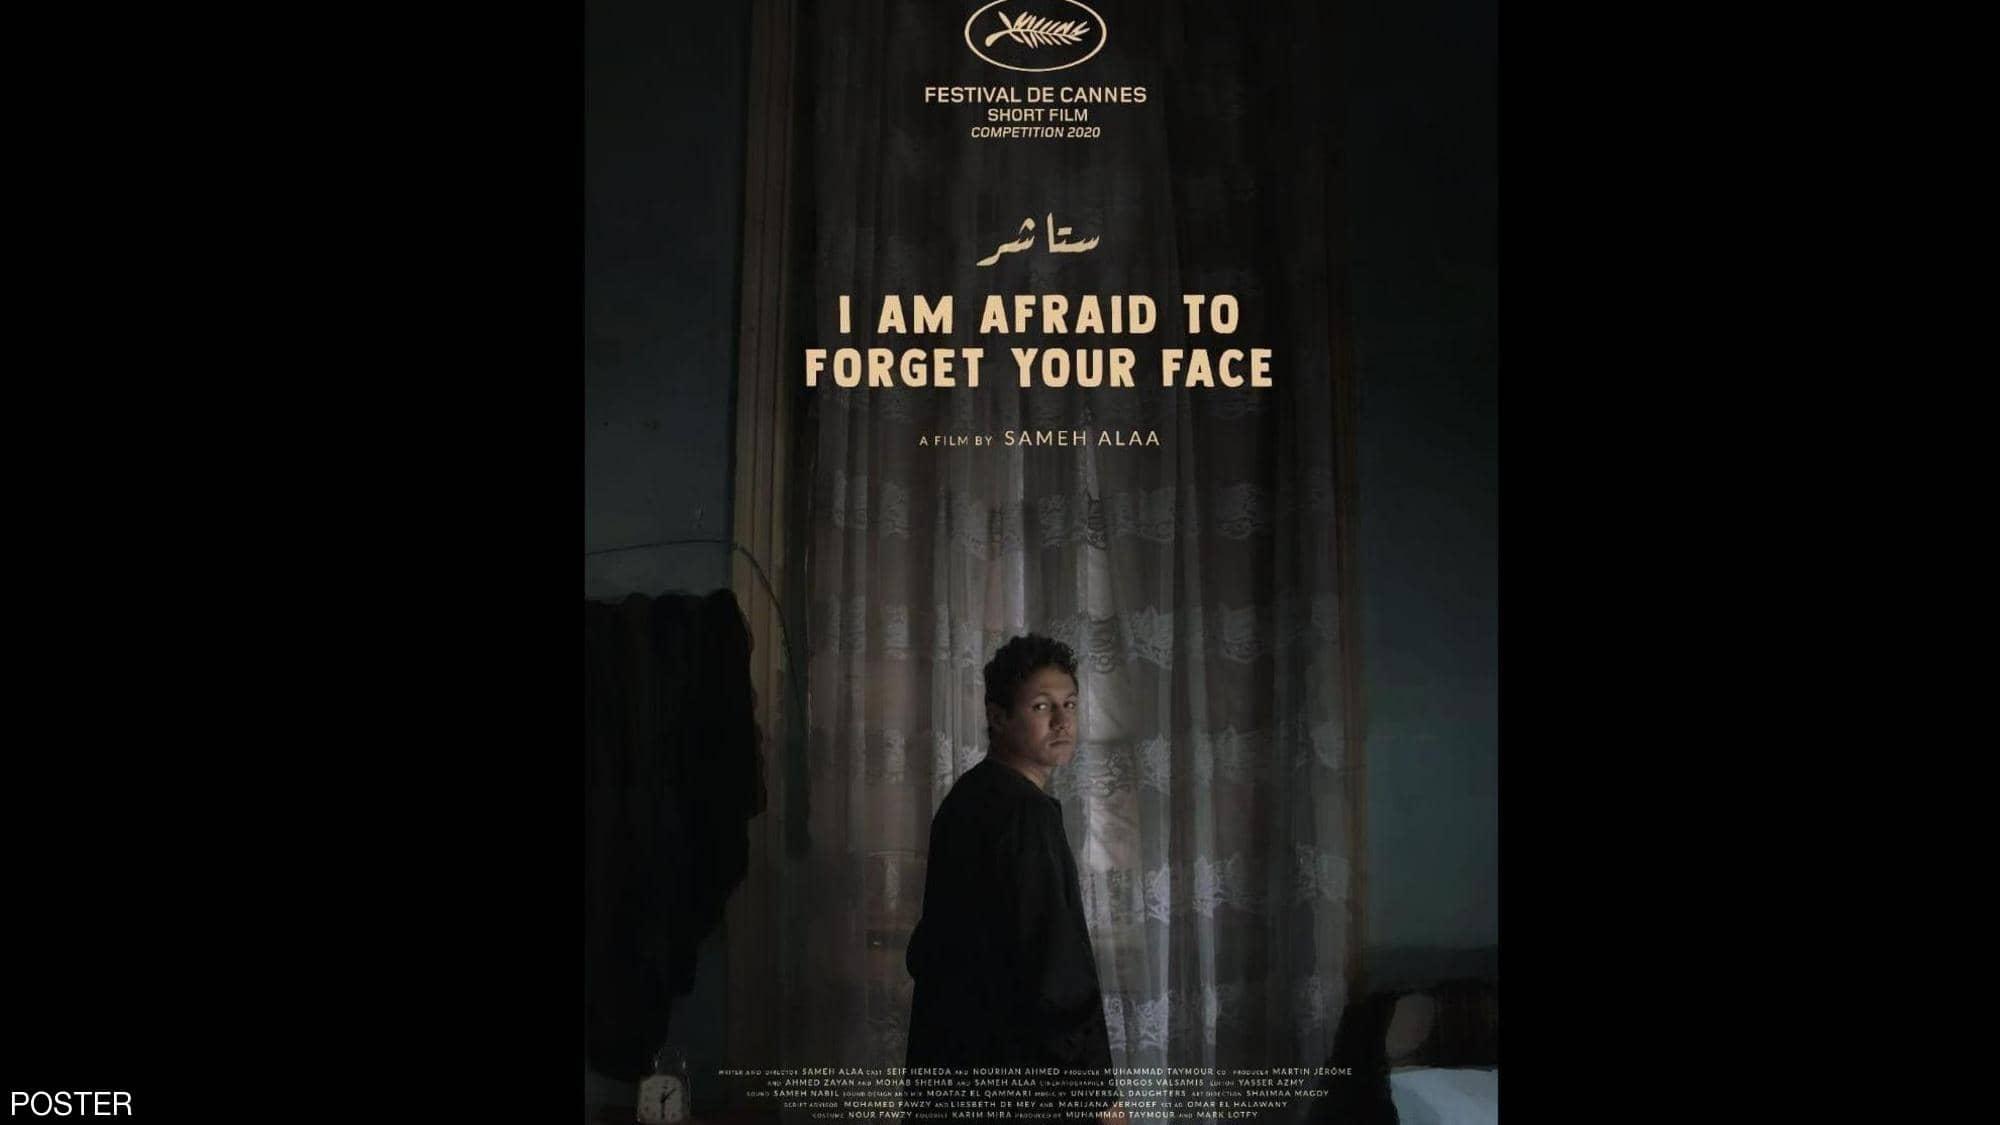 فيلم ستاشر.. أول فيلم مصري يحصل على جائزة السعفة الذهبية من مهرجان كان السينمائي بفرنسا